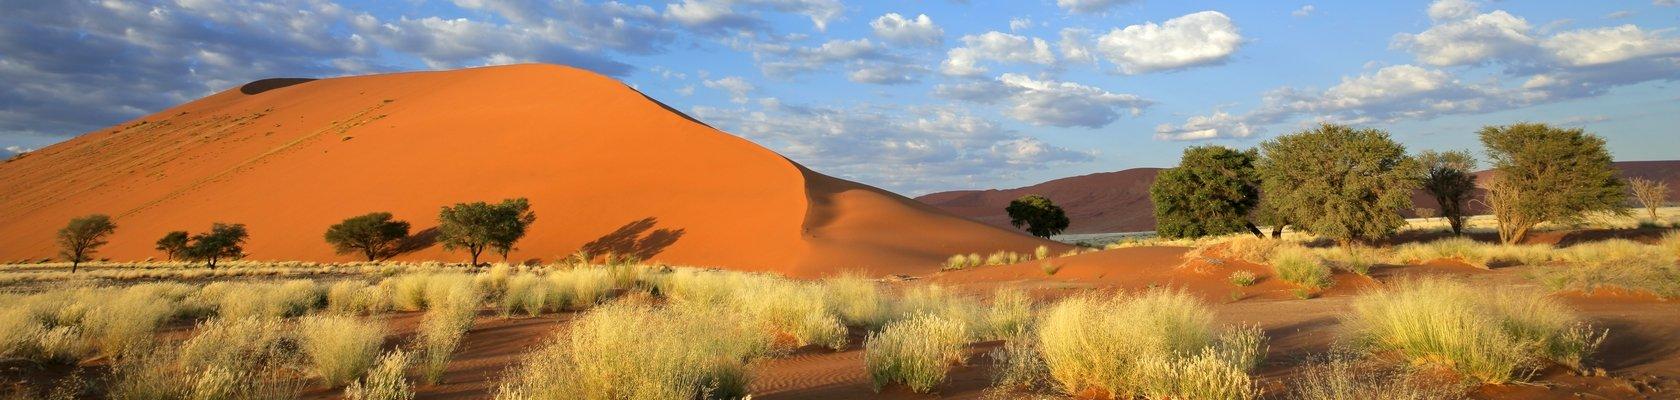 De rode zandduinen van Sossusvlei